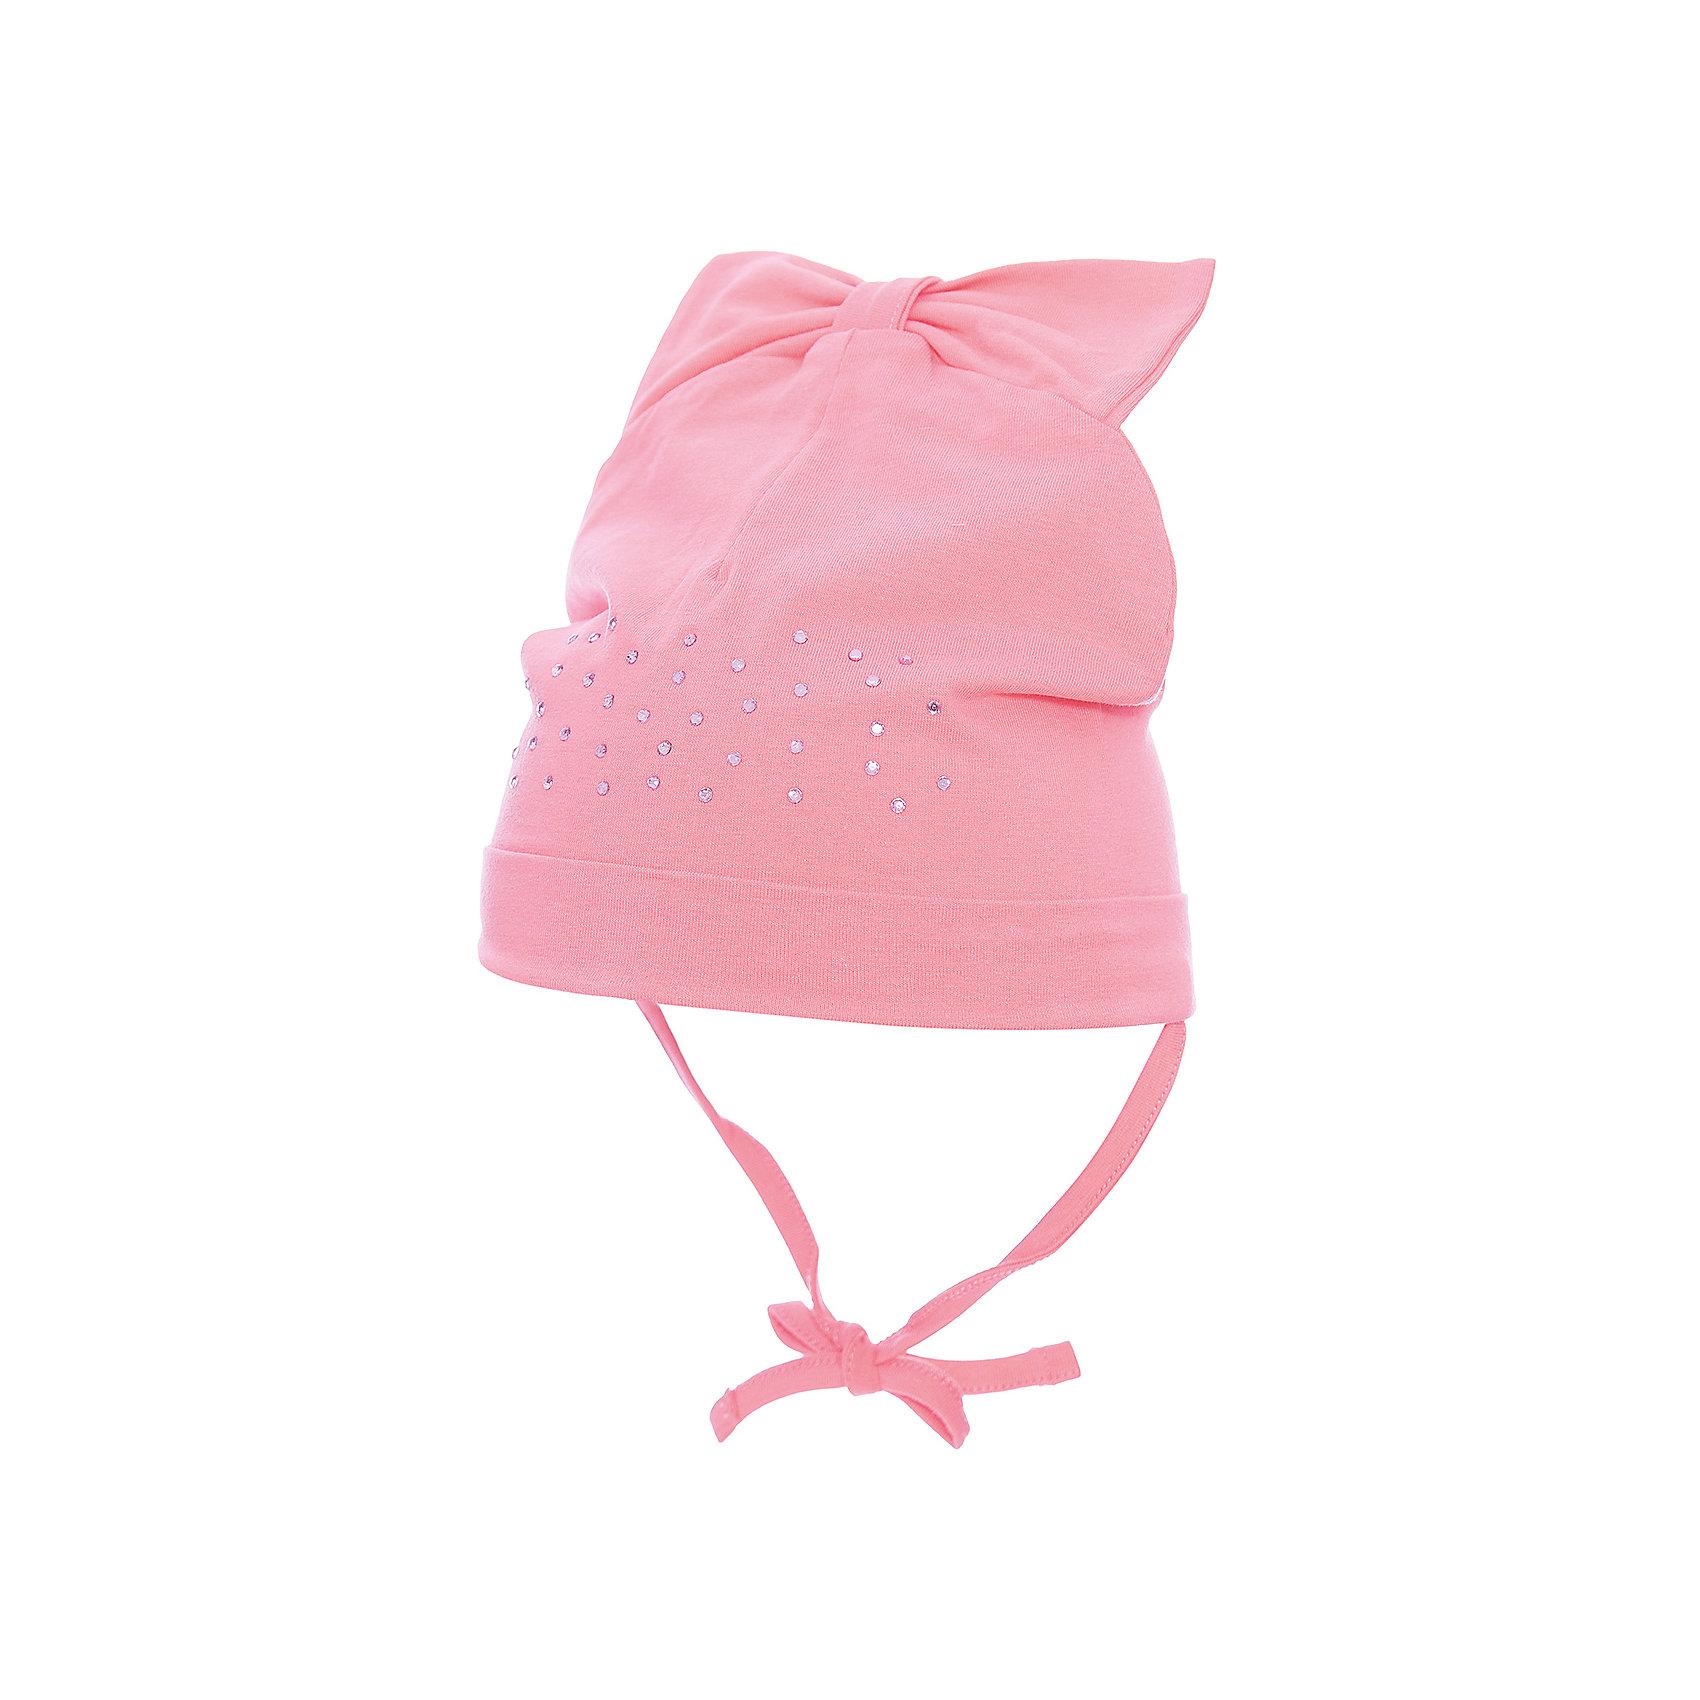 Шапка PlayToday для девочкиШапочки<br>Шапка PlayToday для девочки<br>Шапка из трикотажа - отличное решение для прогулок в прохладную погоду. Модель на завязках, плотно прилегает к голове, комфортна при носке. В качестве декора на шапке использован трикотажный бант-вставка и россыпь из страз.<br>Состав:<br>92% хлопок, 8% эластан<br><br>Ширина мм: 89<br>Глубина мм: 117<br>Высота мм: 44<br>Вес г: 155<br>Цвет: розовый<br>Возраст от месяцев: 12<br>Возраст до месяцев: 18<br>Пол: Женский<br>Возраст: Детский<br>Размер: 48,46<br>SKU: 7110238